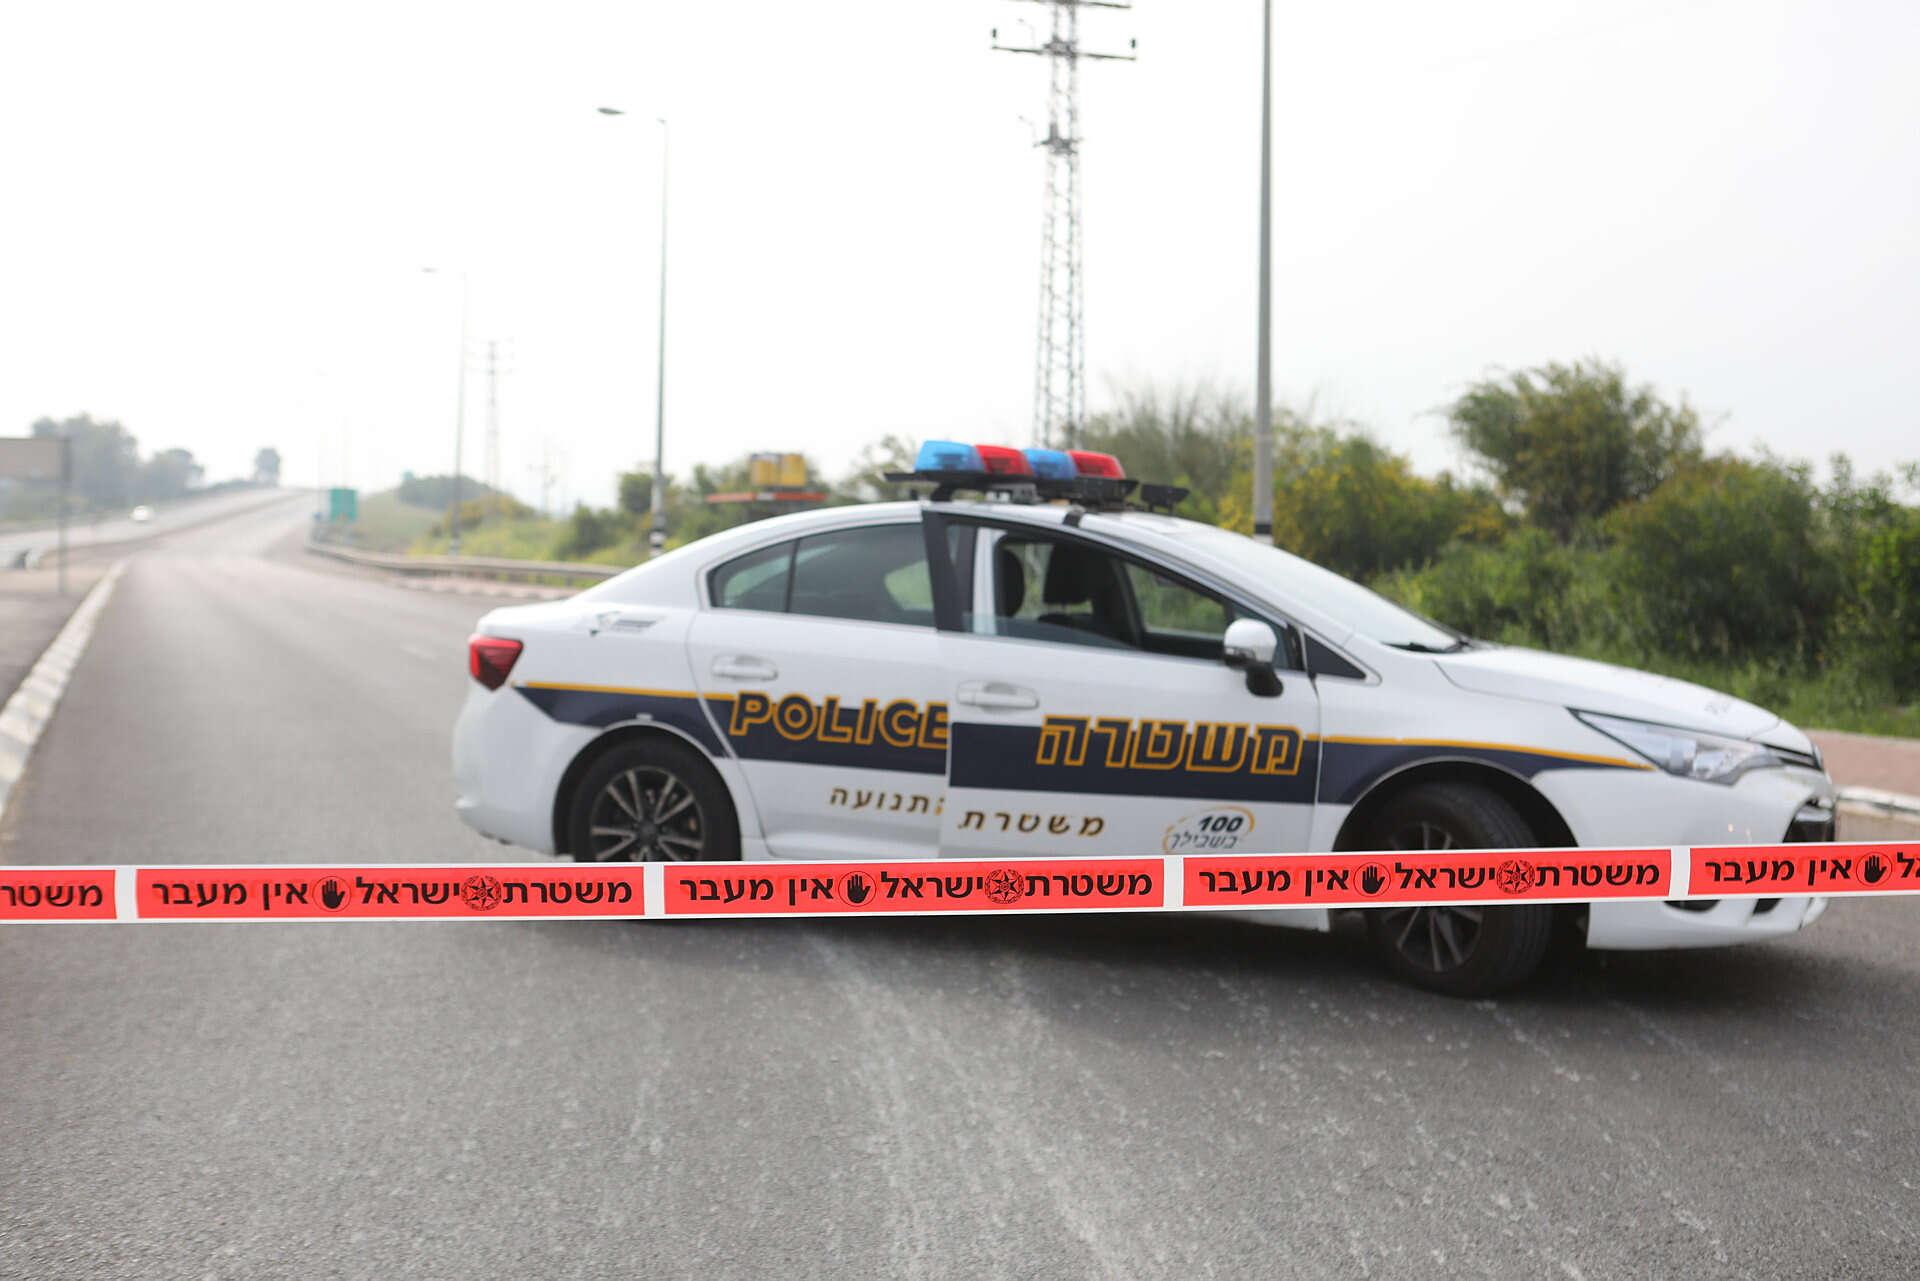 רוכב אופנוע בן 30 נהרג בתאונה סמוך למחלף משה דיין